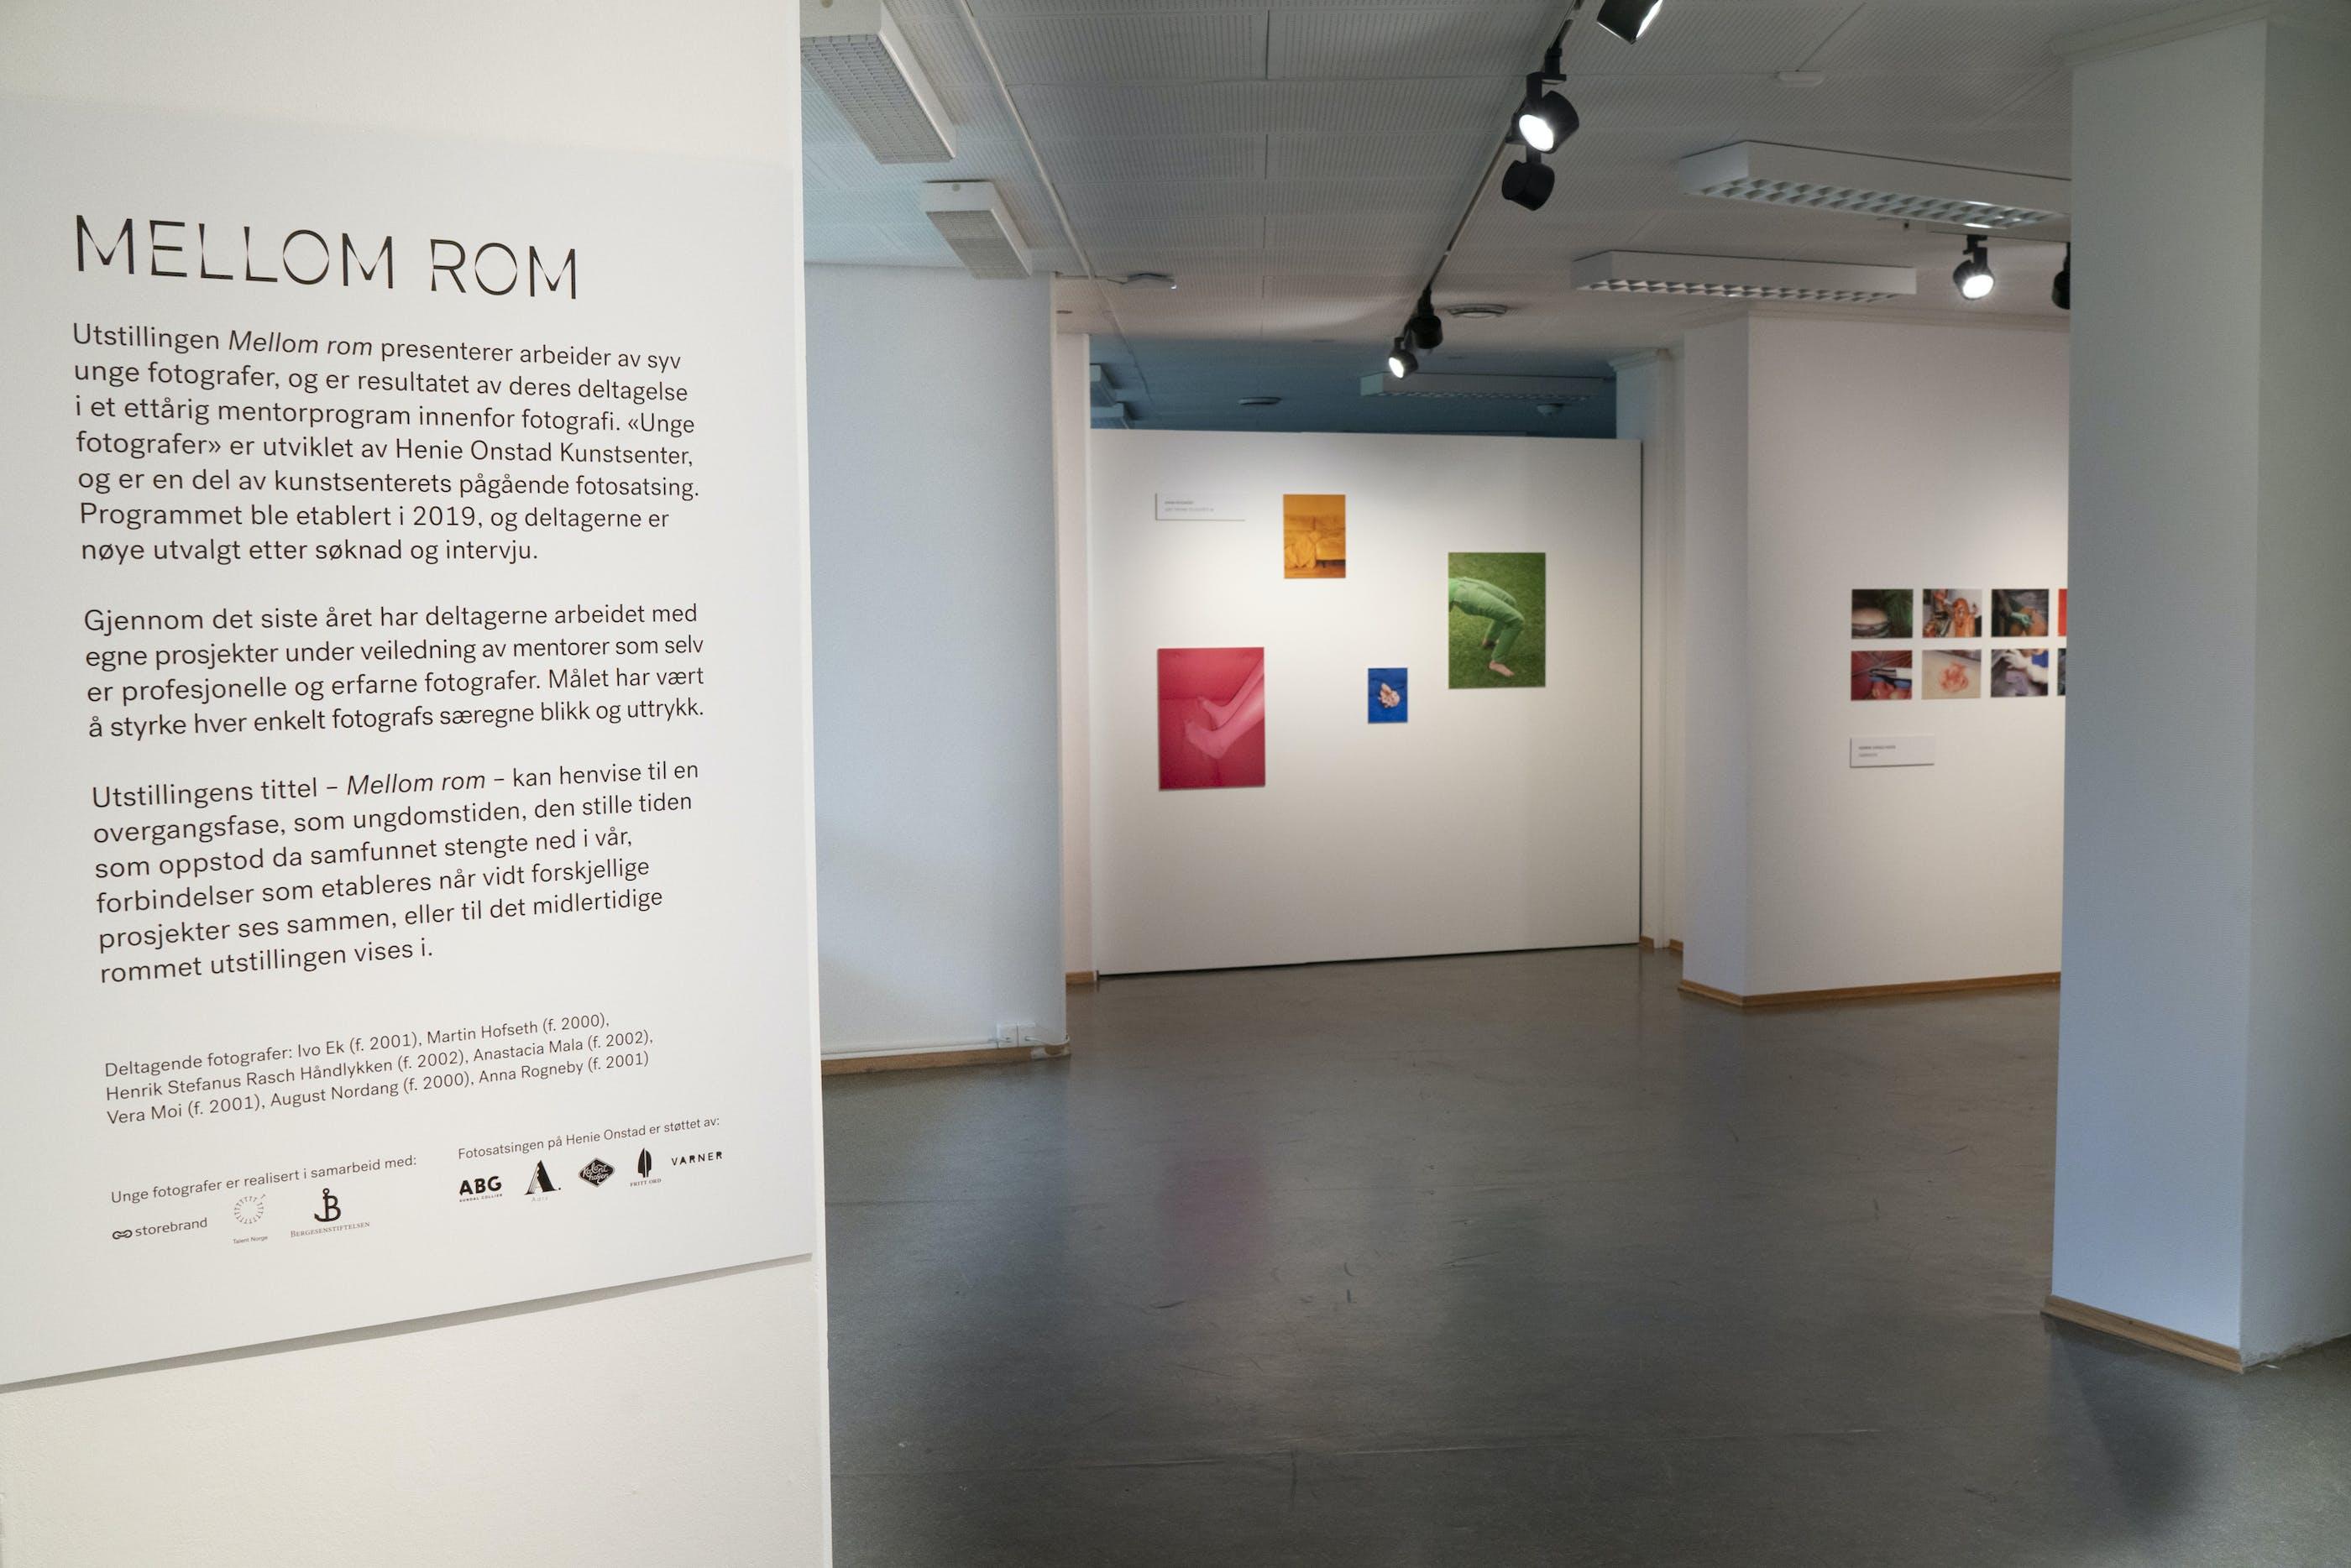 Henie Onstad Kunstsenter Mellom rom 002